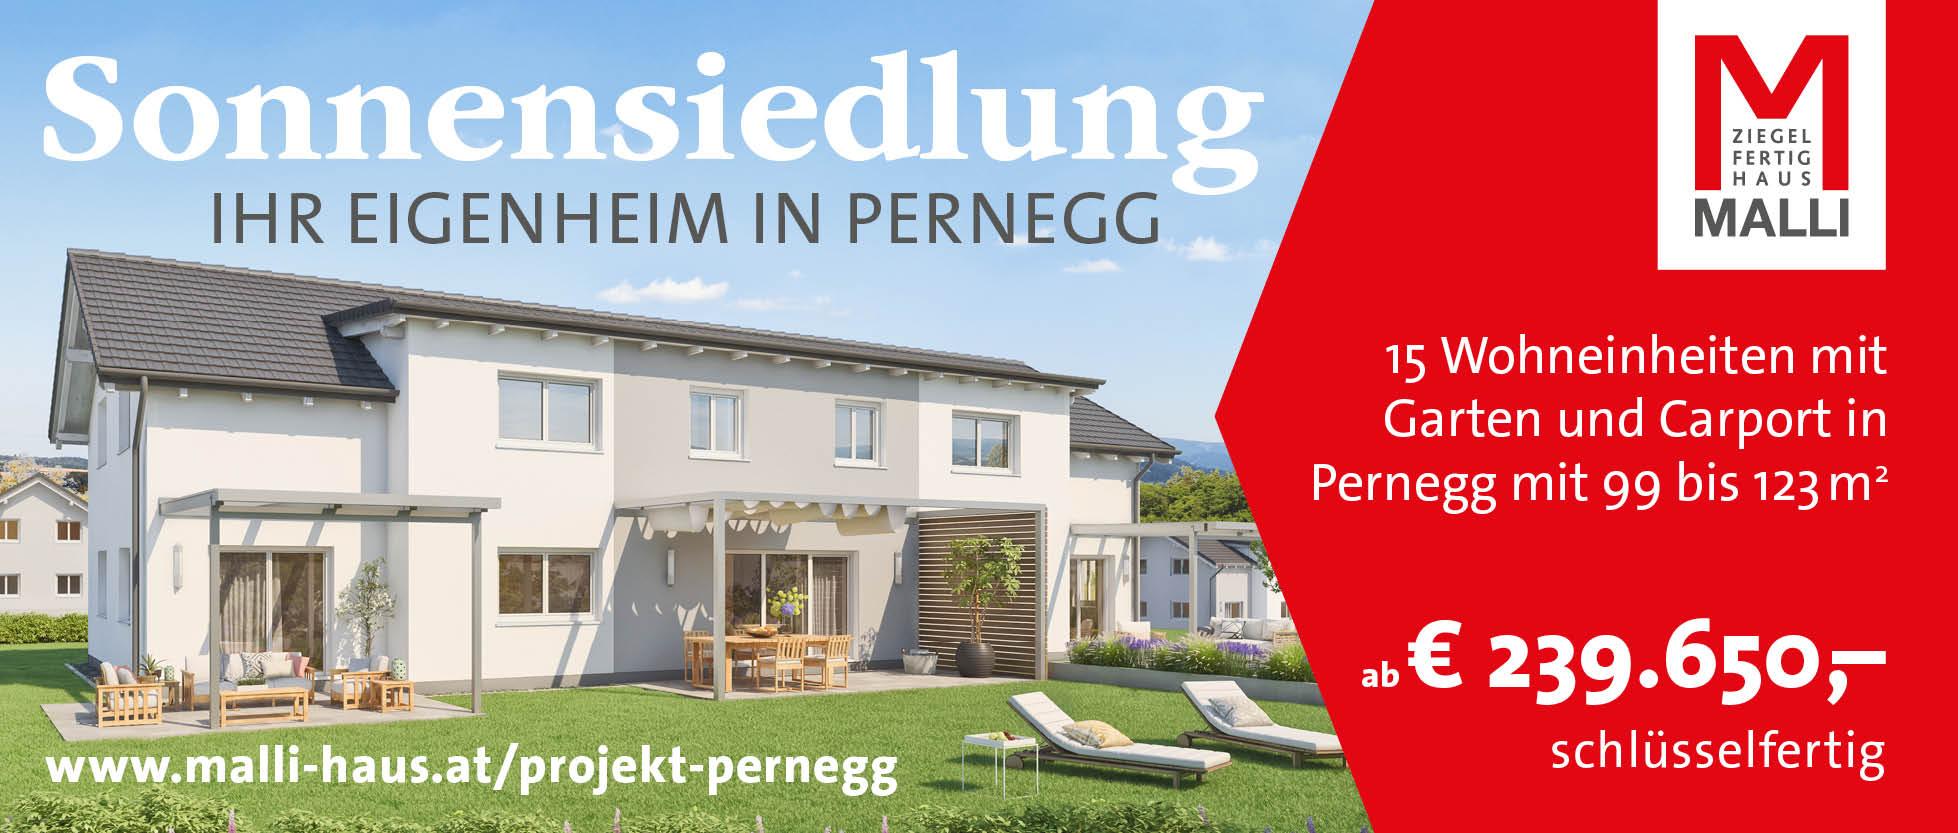 Sonnensiedlung Pernegg - Ihr Haus in Pernegg